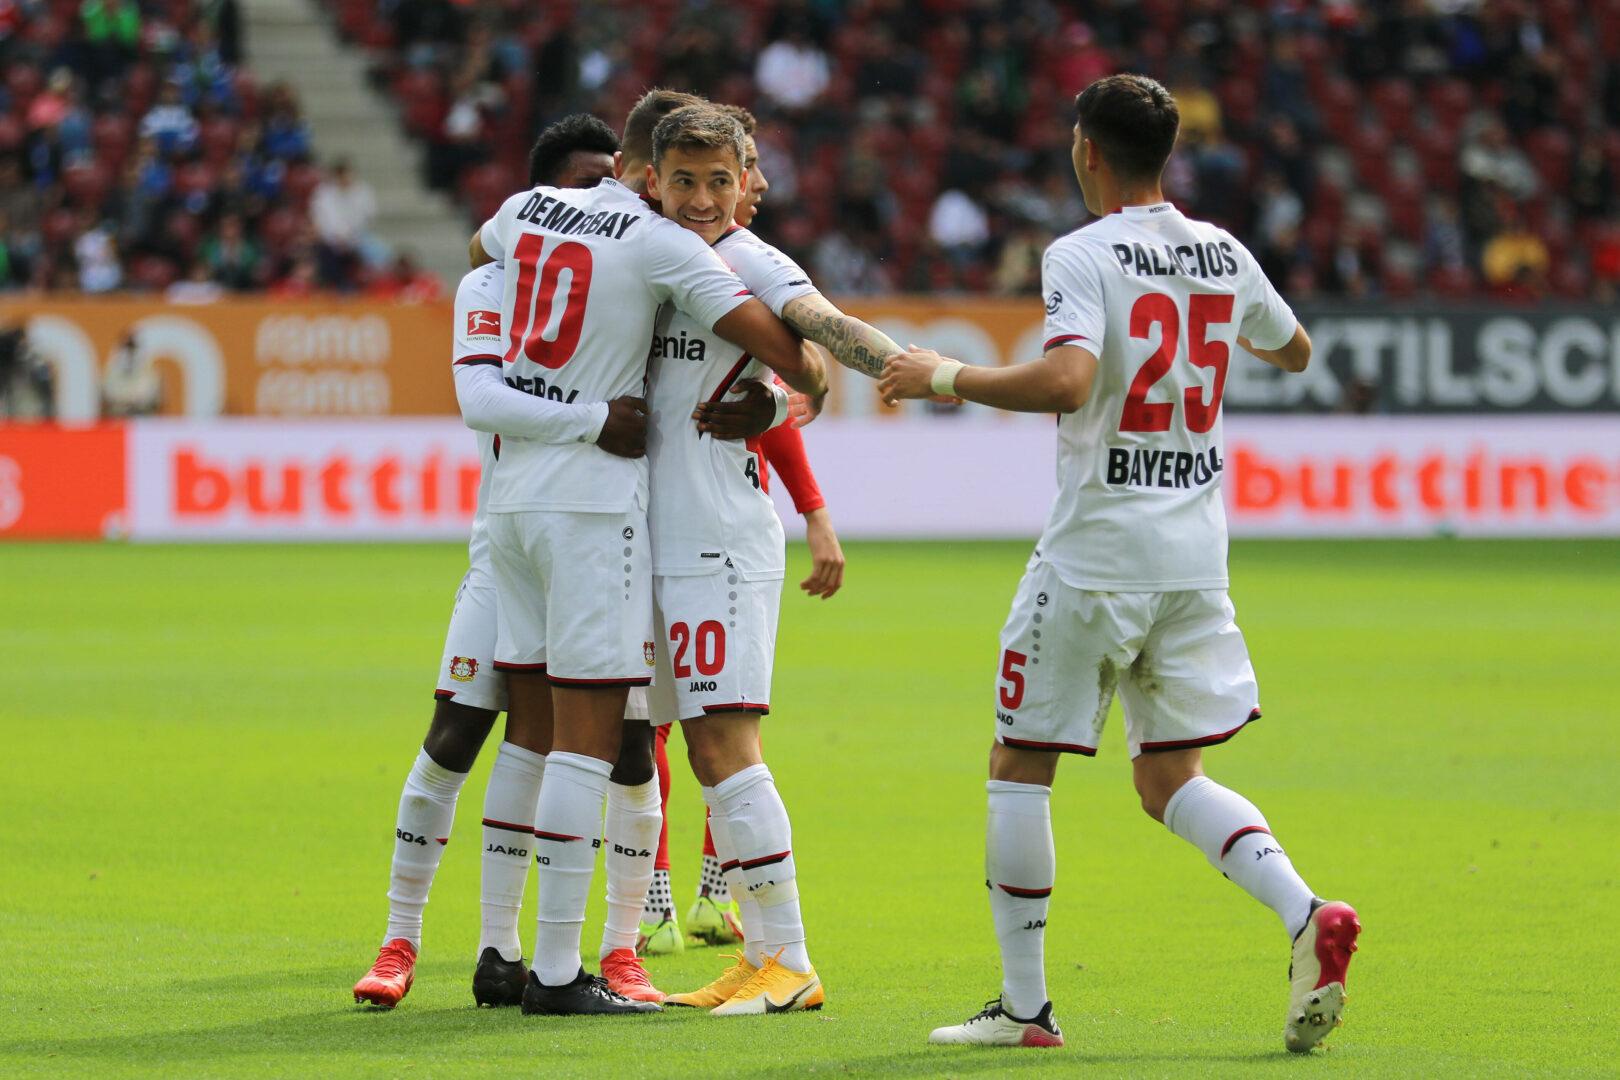 Topspiel gegen BVB: Leverkusen muss auf Südamerika-Trio verzichten